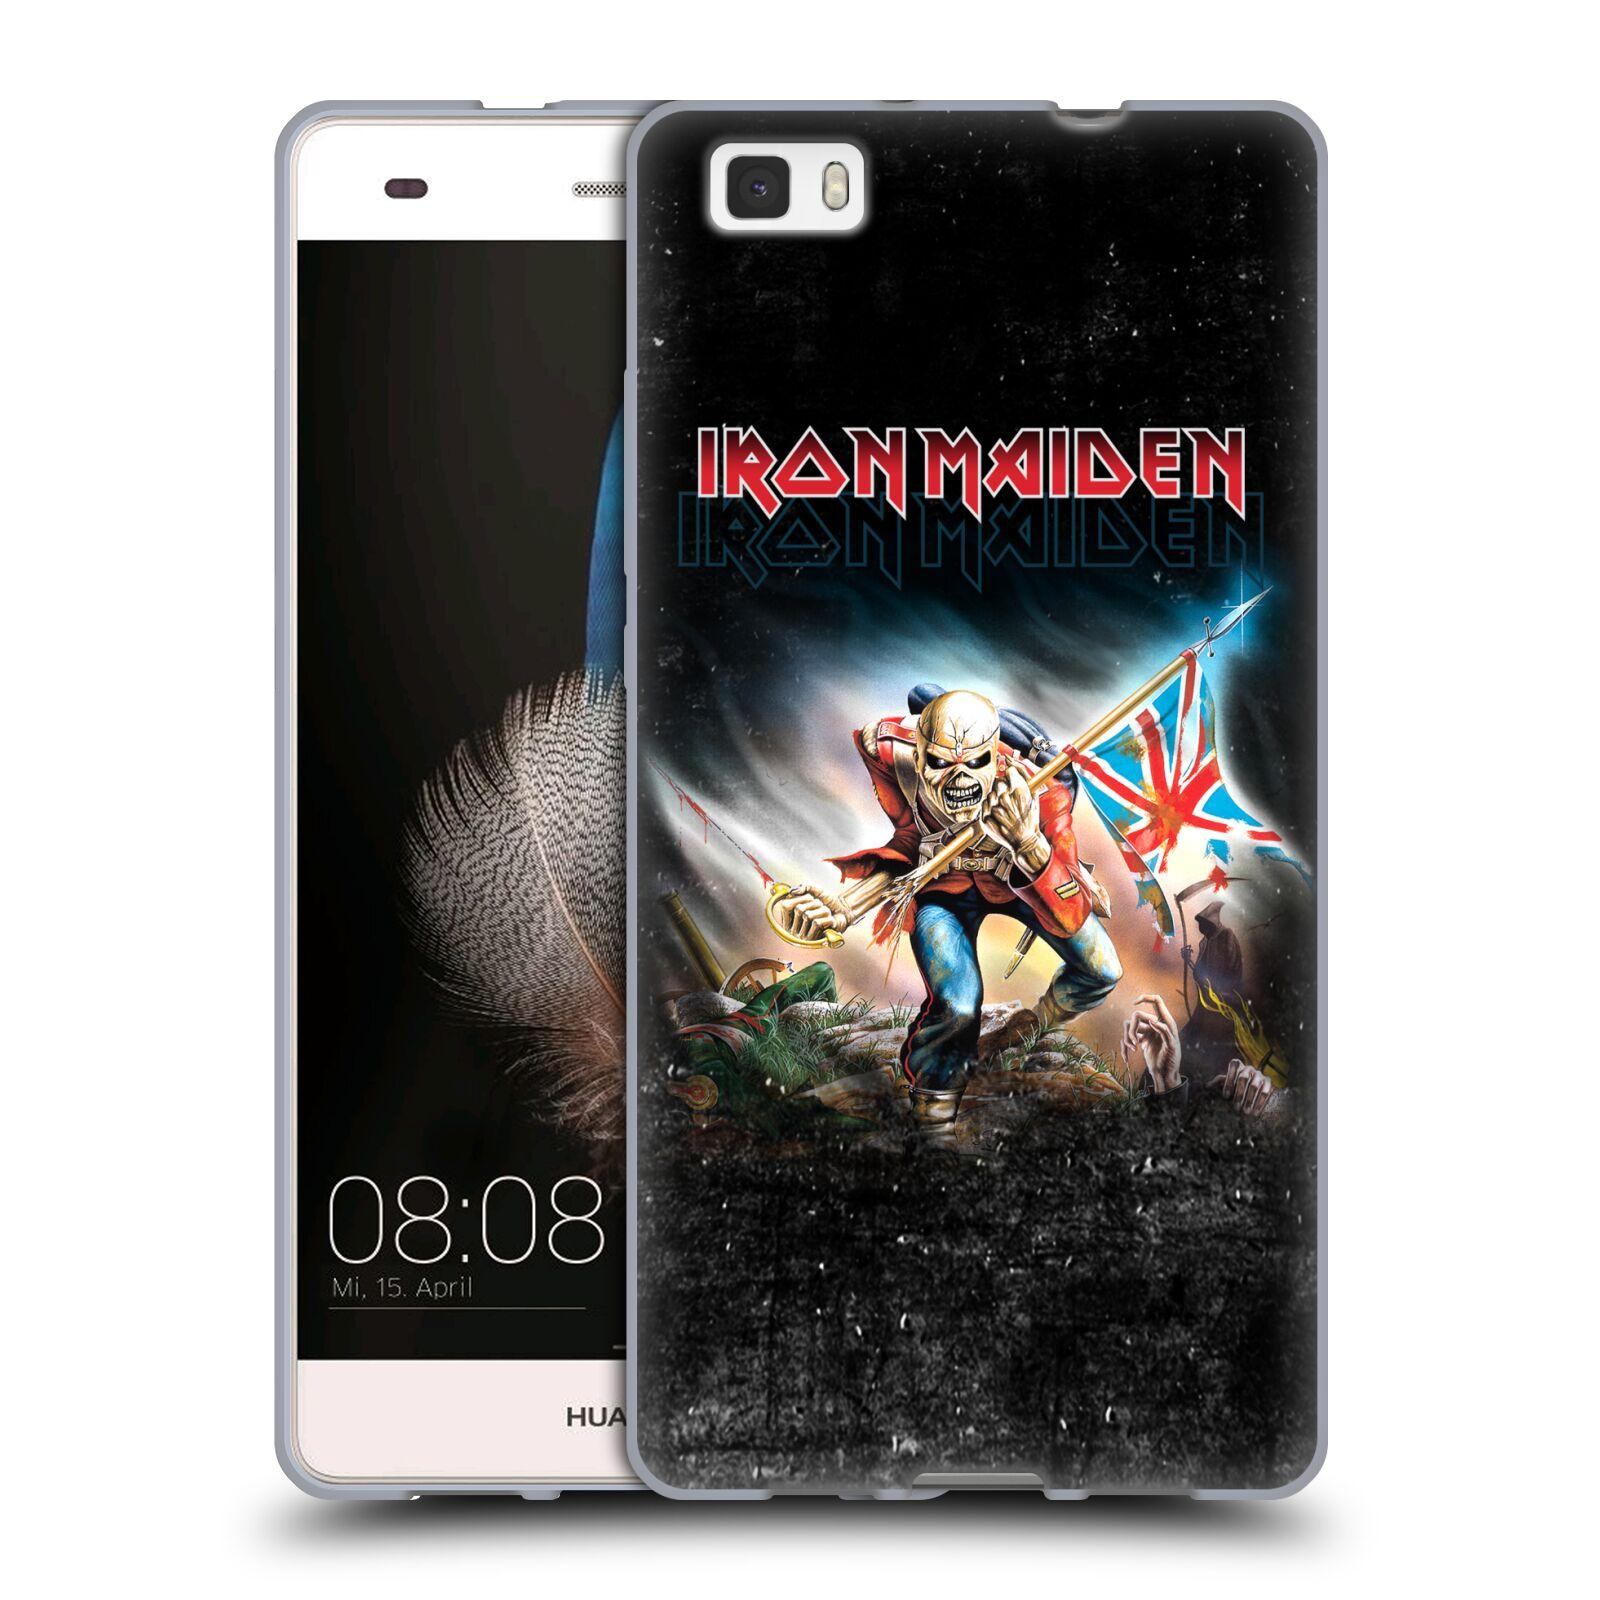 HEAD CASE silikonový obal na mobil Huawei P8 LITE / P8 LITE DUAL SIM Heavymetalová skupina Iron Maiden bojovník